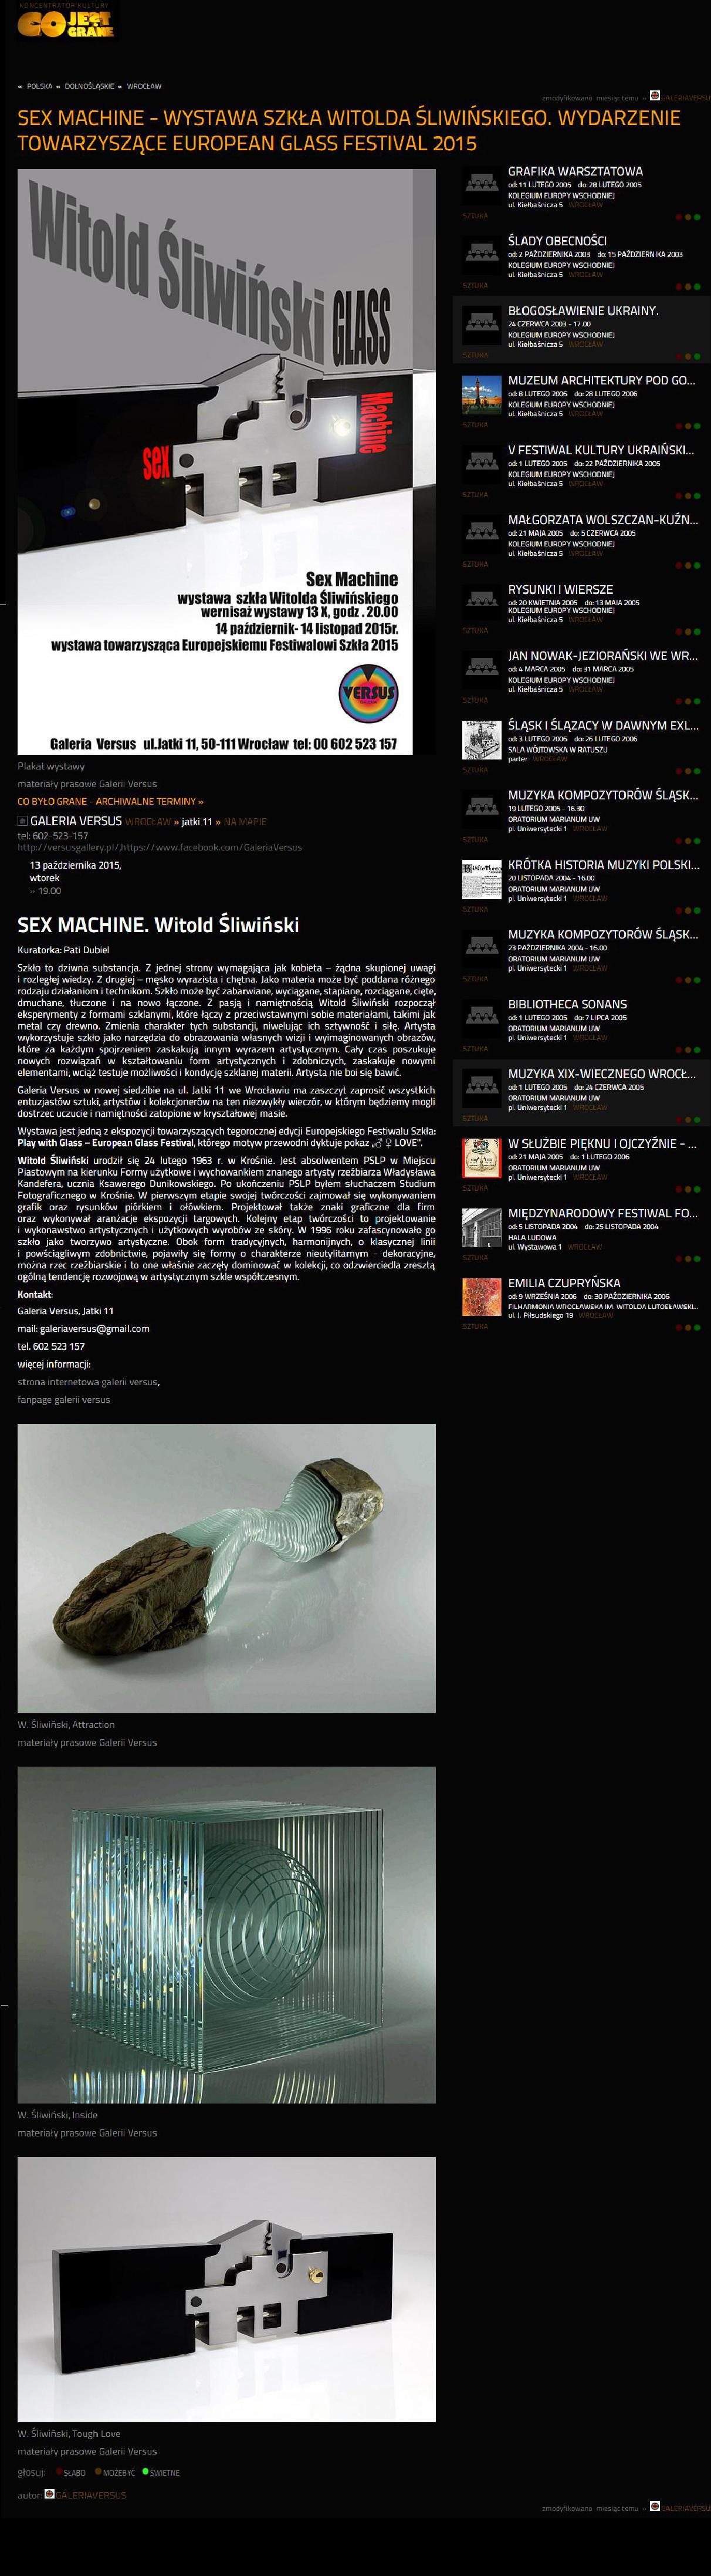 3945e3f22 Sex Machine – wystawa szkła Witolda Śliwińskiego. Wydarzenie towarzyszące  European Glass Festival 2015